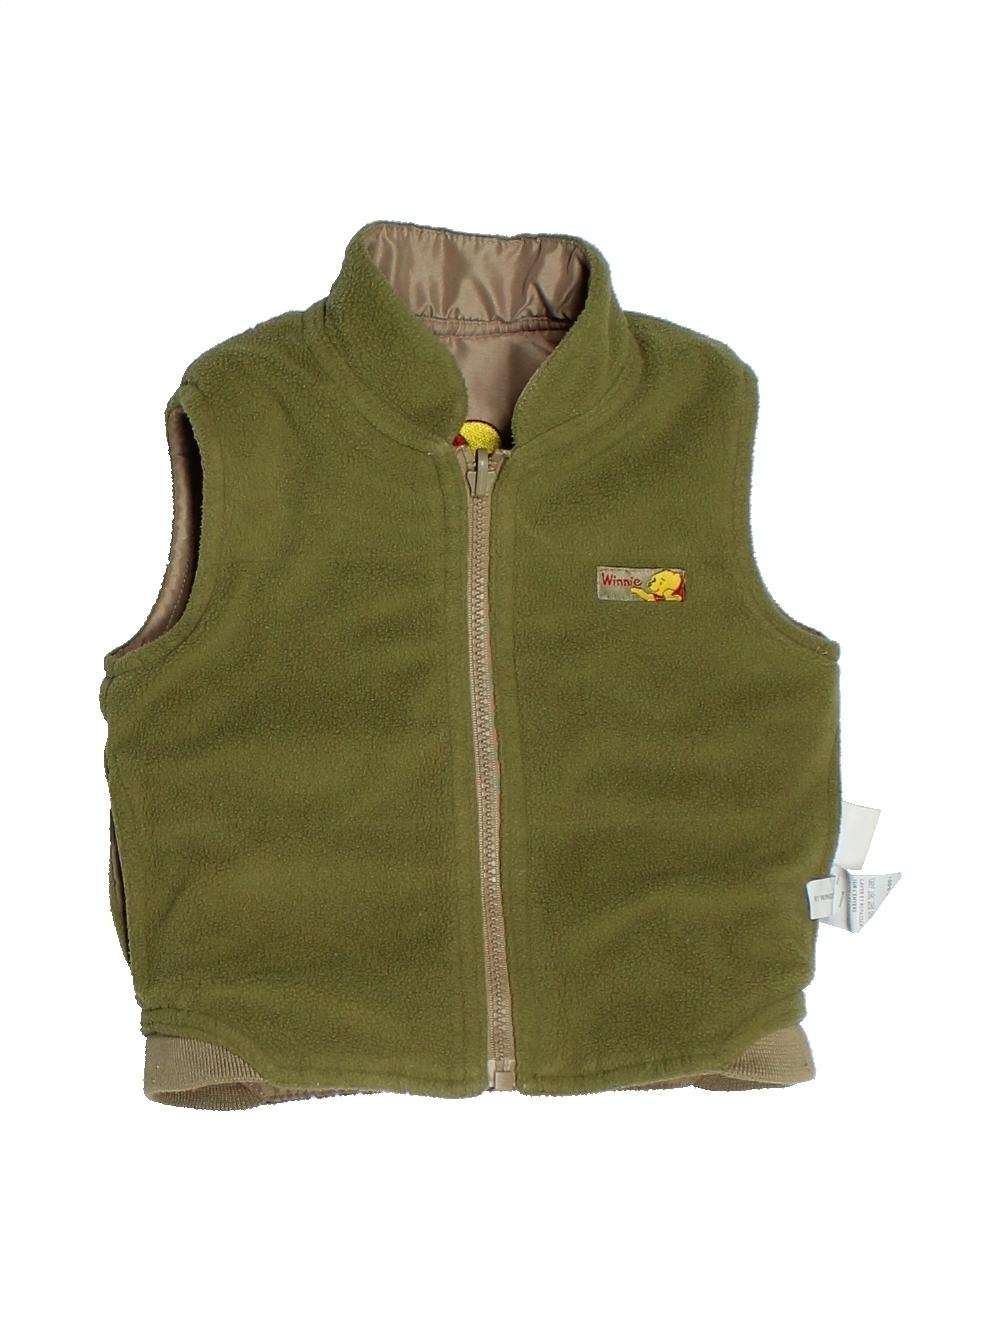 Doudoune-bebe-garcon-DISNEY-12-mois-beige-hiver-vetement-bebe-1099263